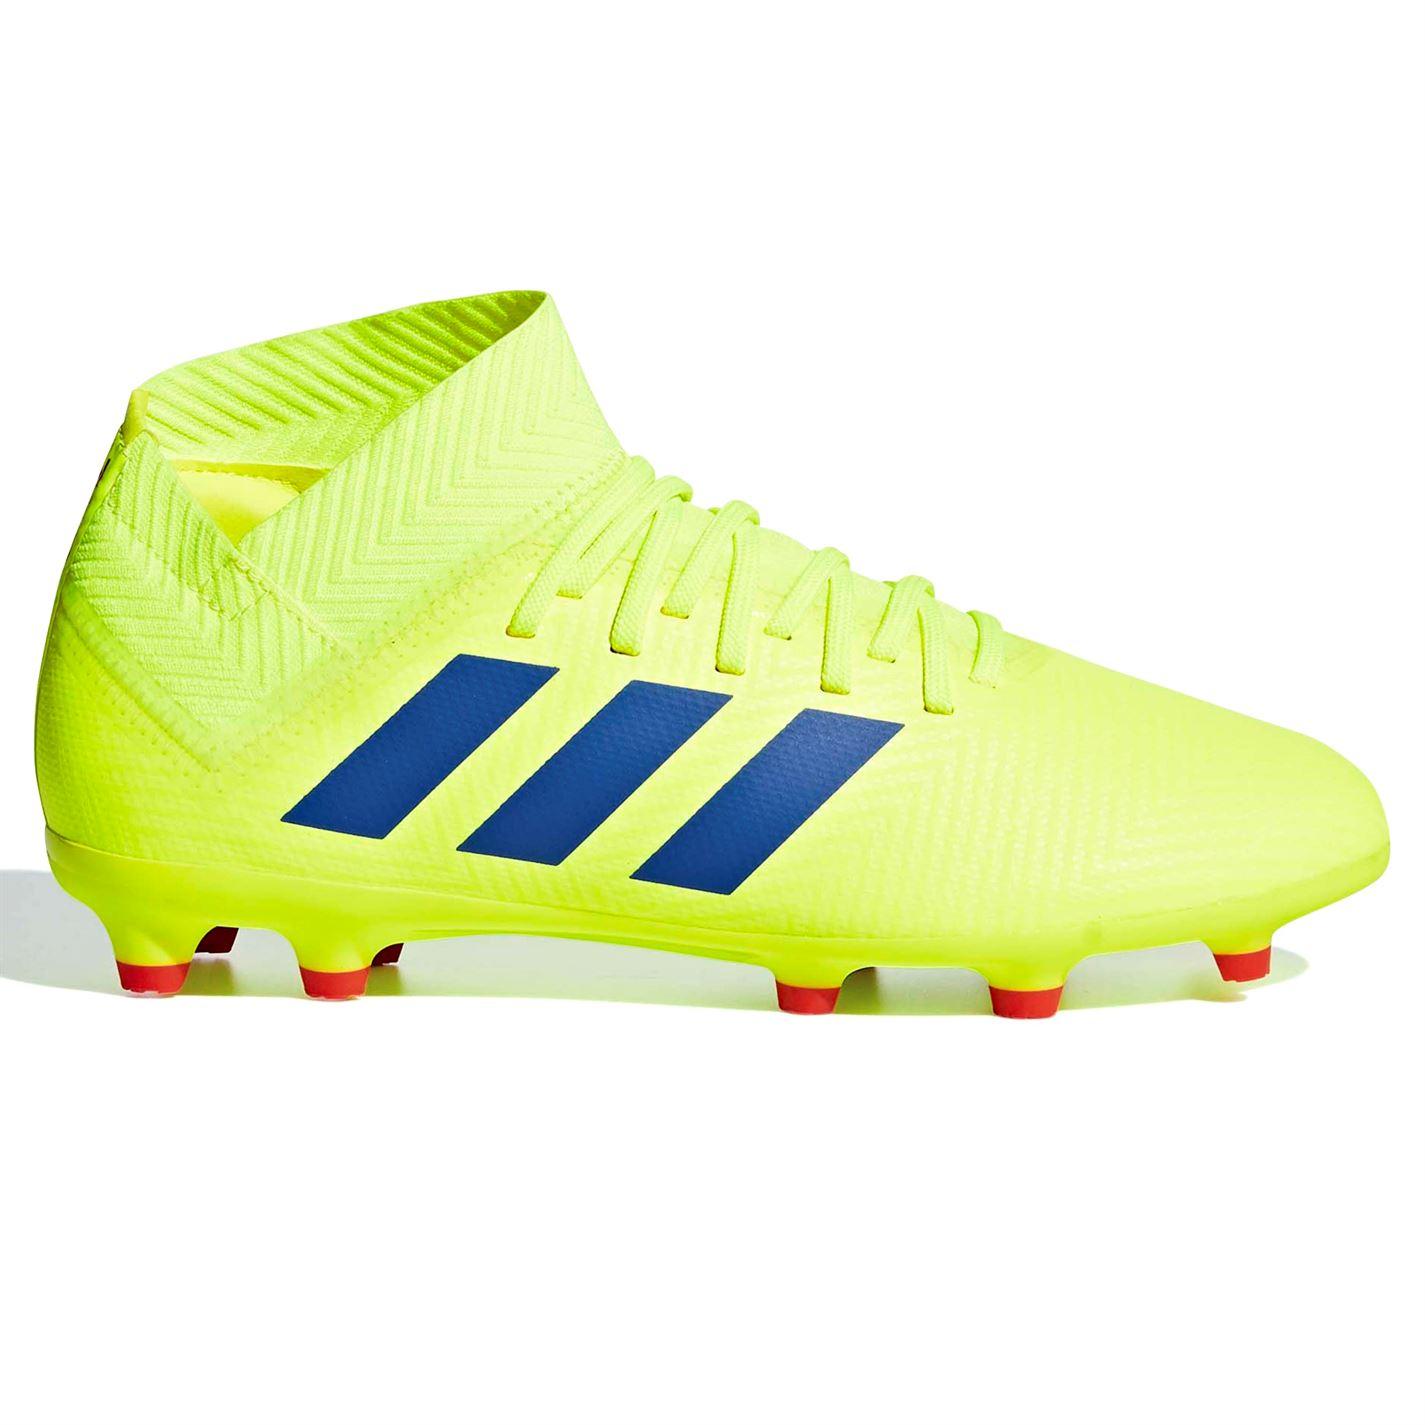 finest selection 7e369 073f2 kopačky adidas Nemeziz 18.3 dětské FG